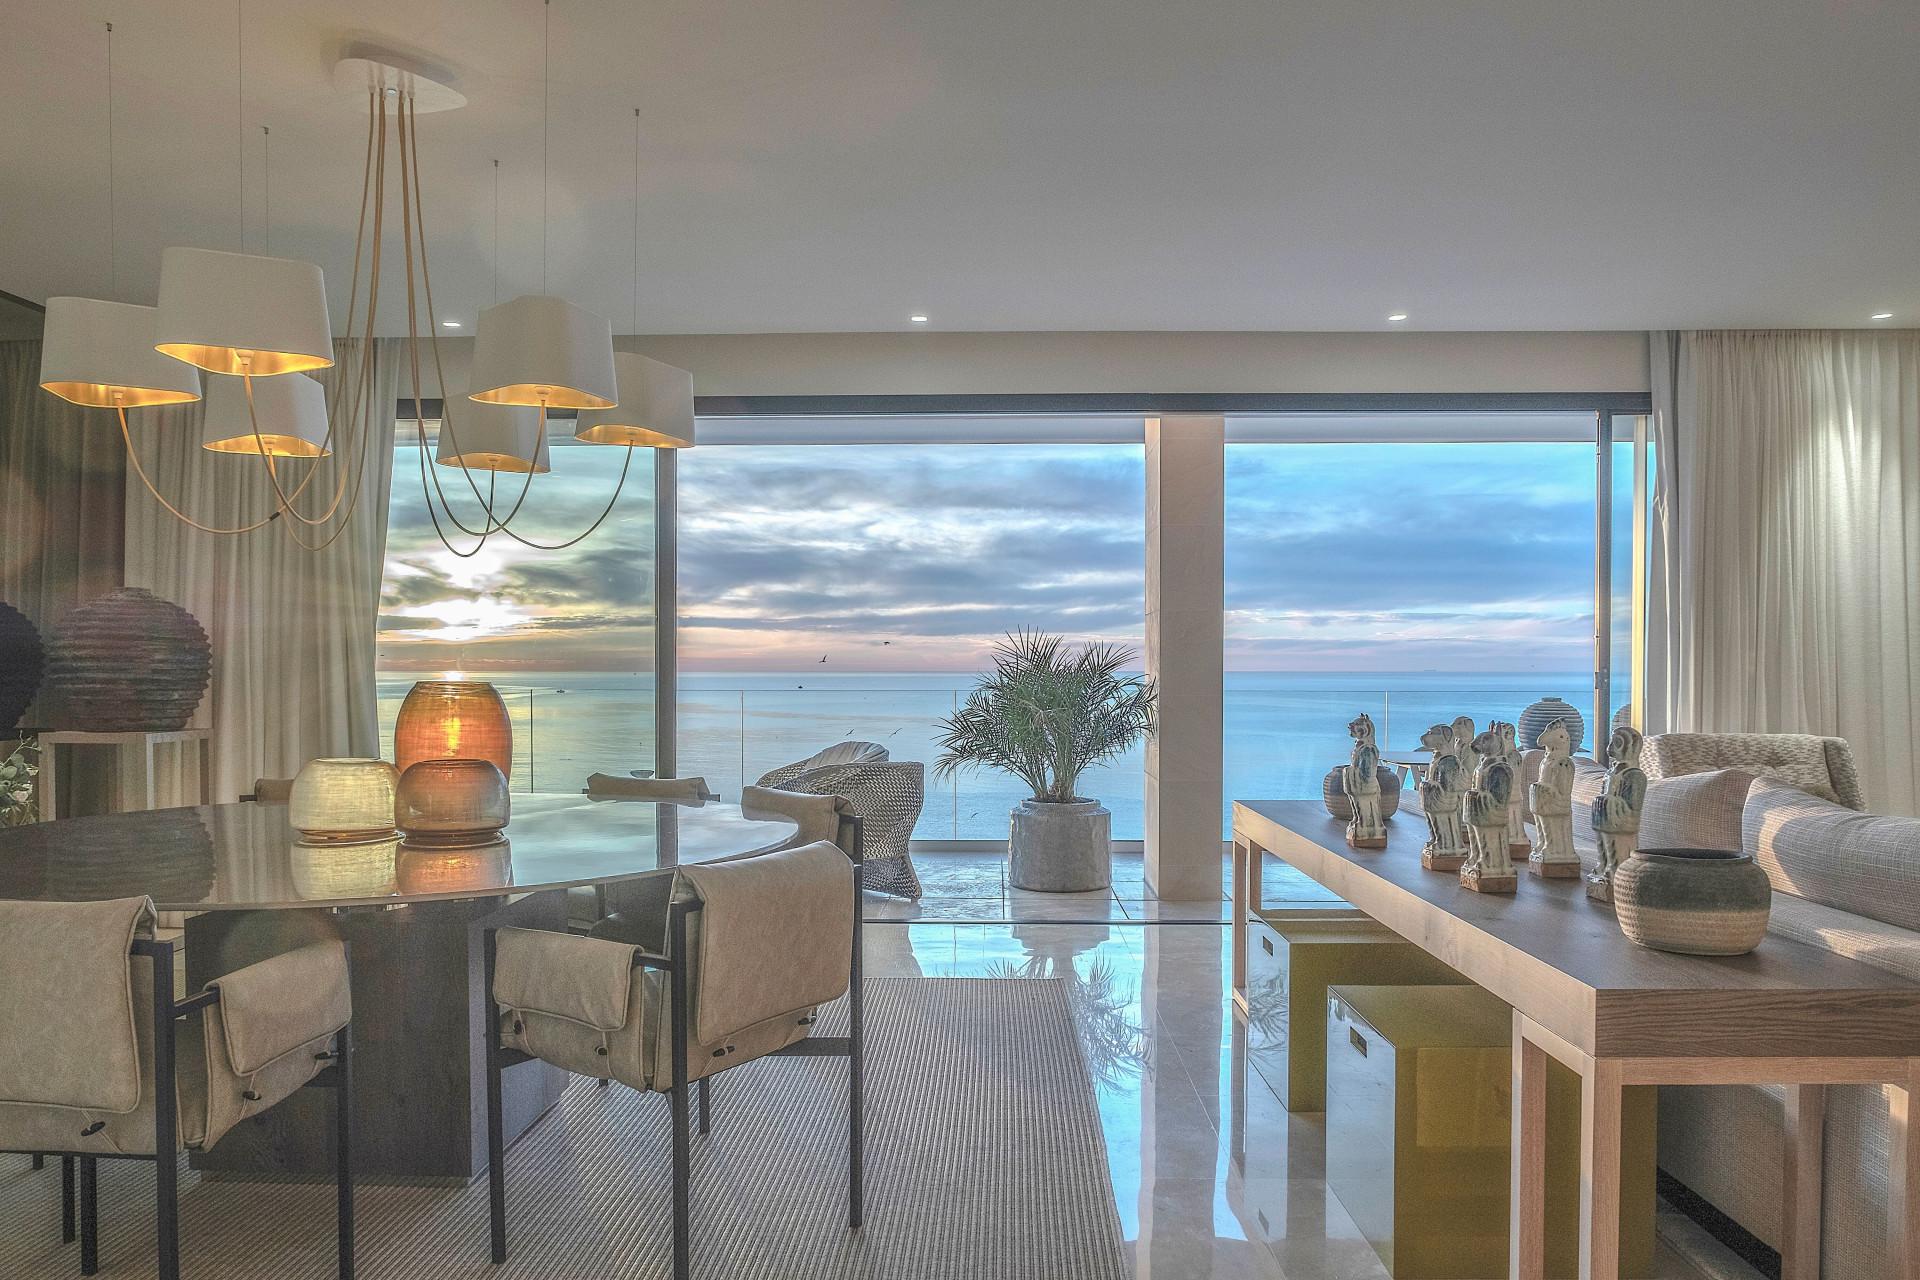 ARFA1322 - Komplett möblierte Wohnung direkt am Strand in Estepona Stadt zu verkaufen